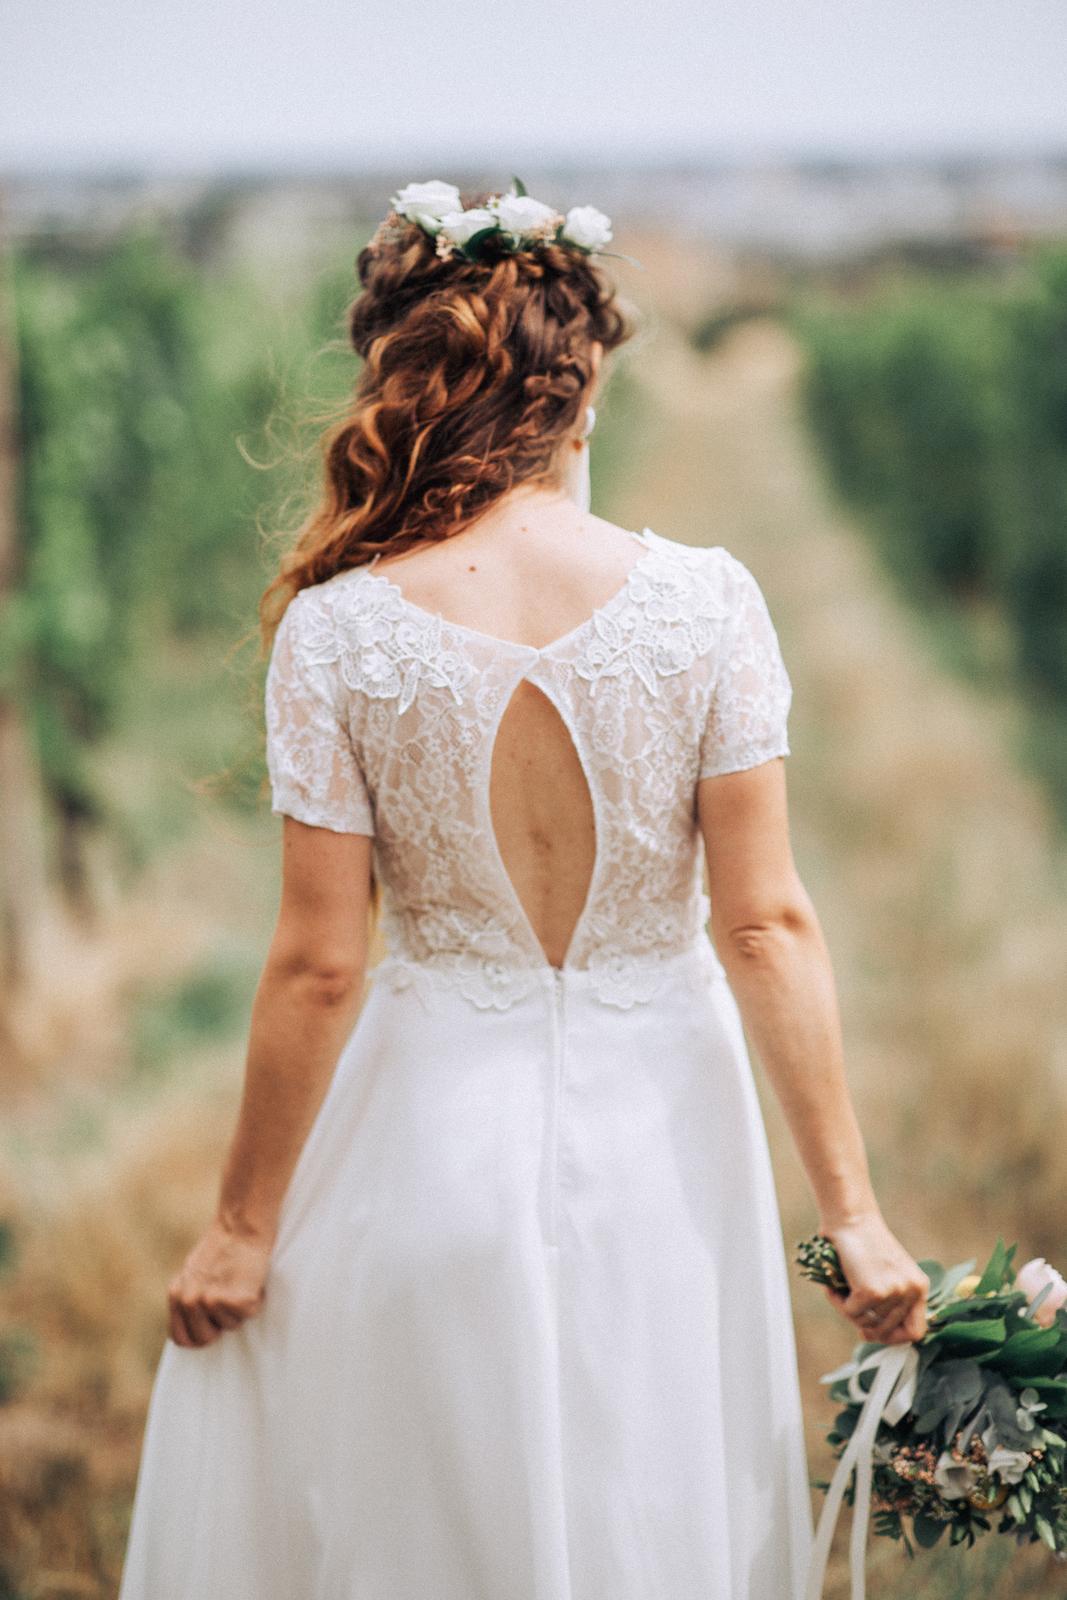 Čipkované svadobné šaty - Obrázok č. 2